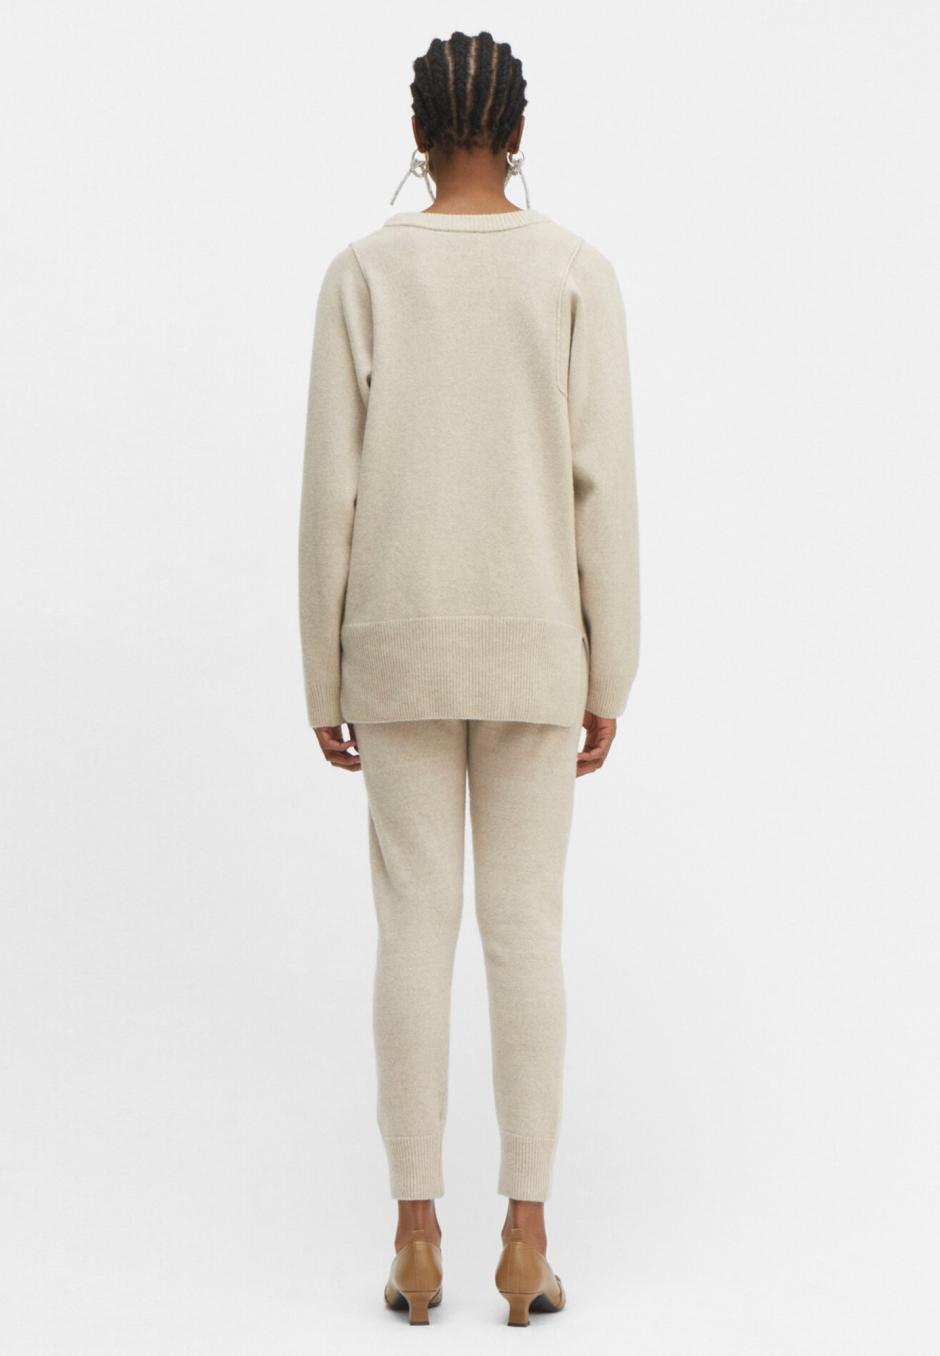 Rodebjer Chantal knit